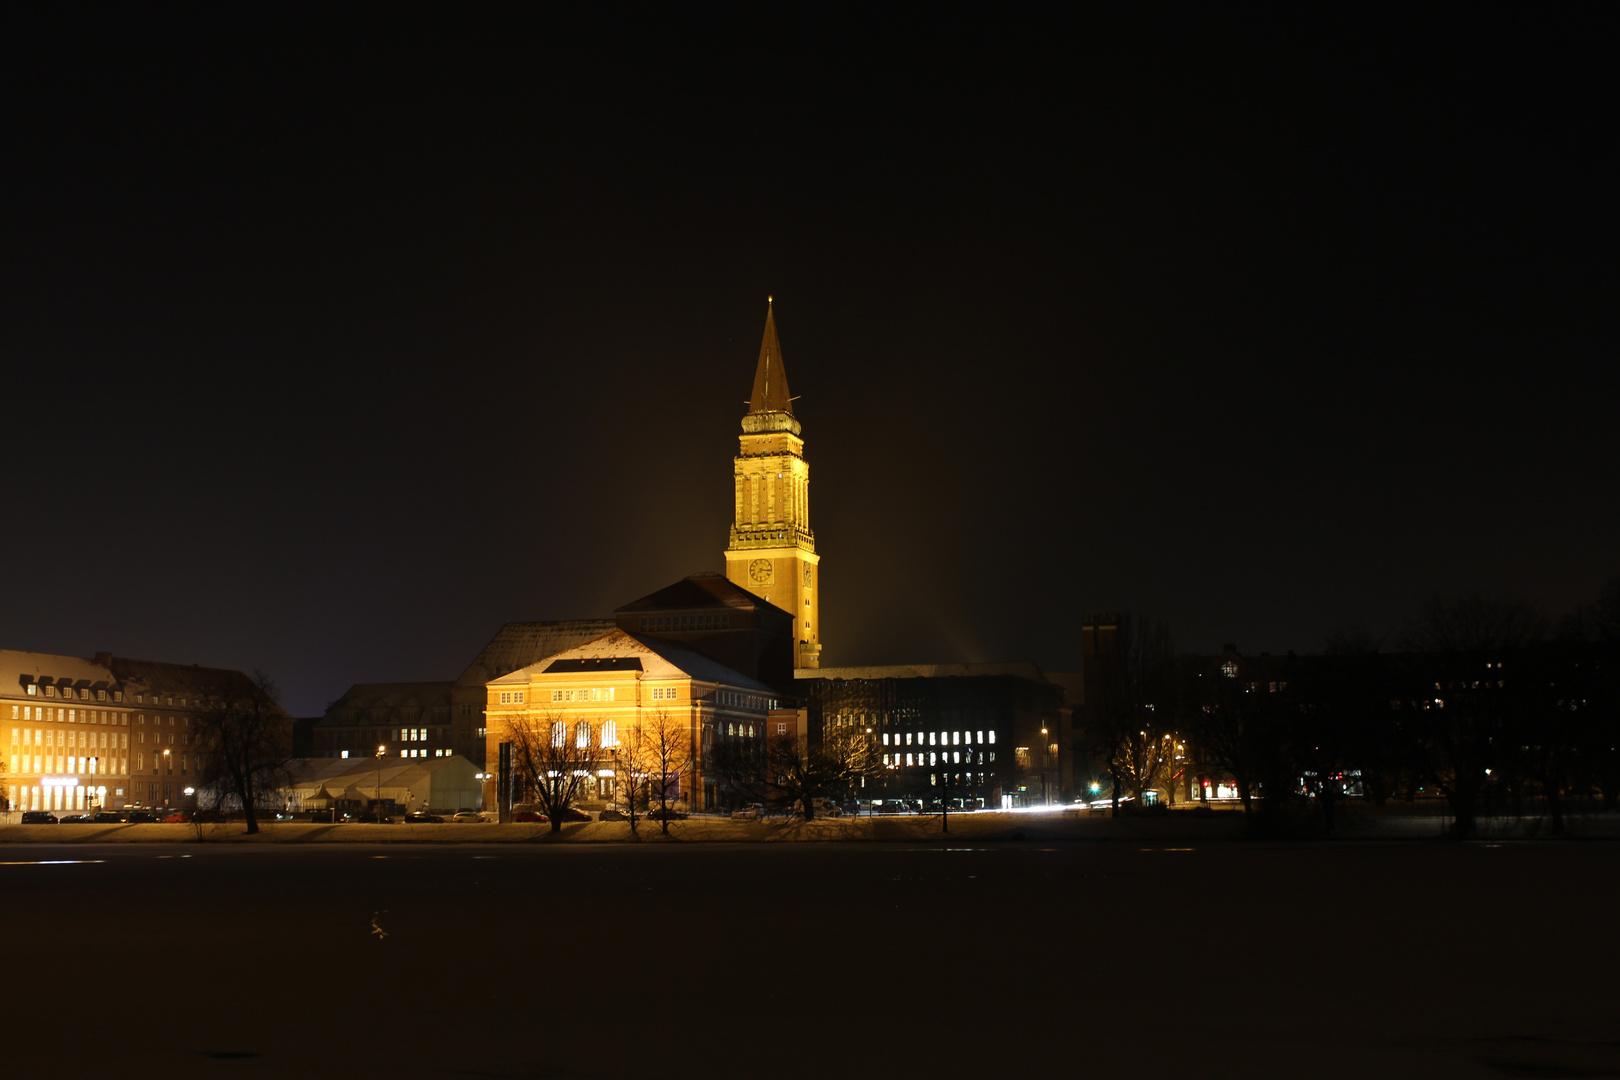 Rathausturm bei nacht